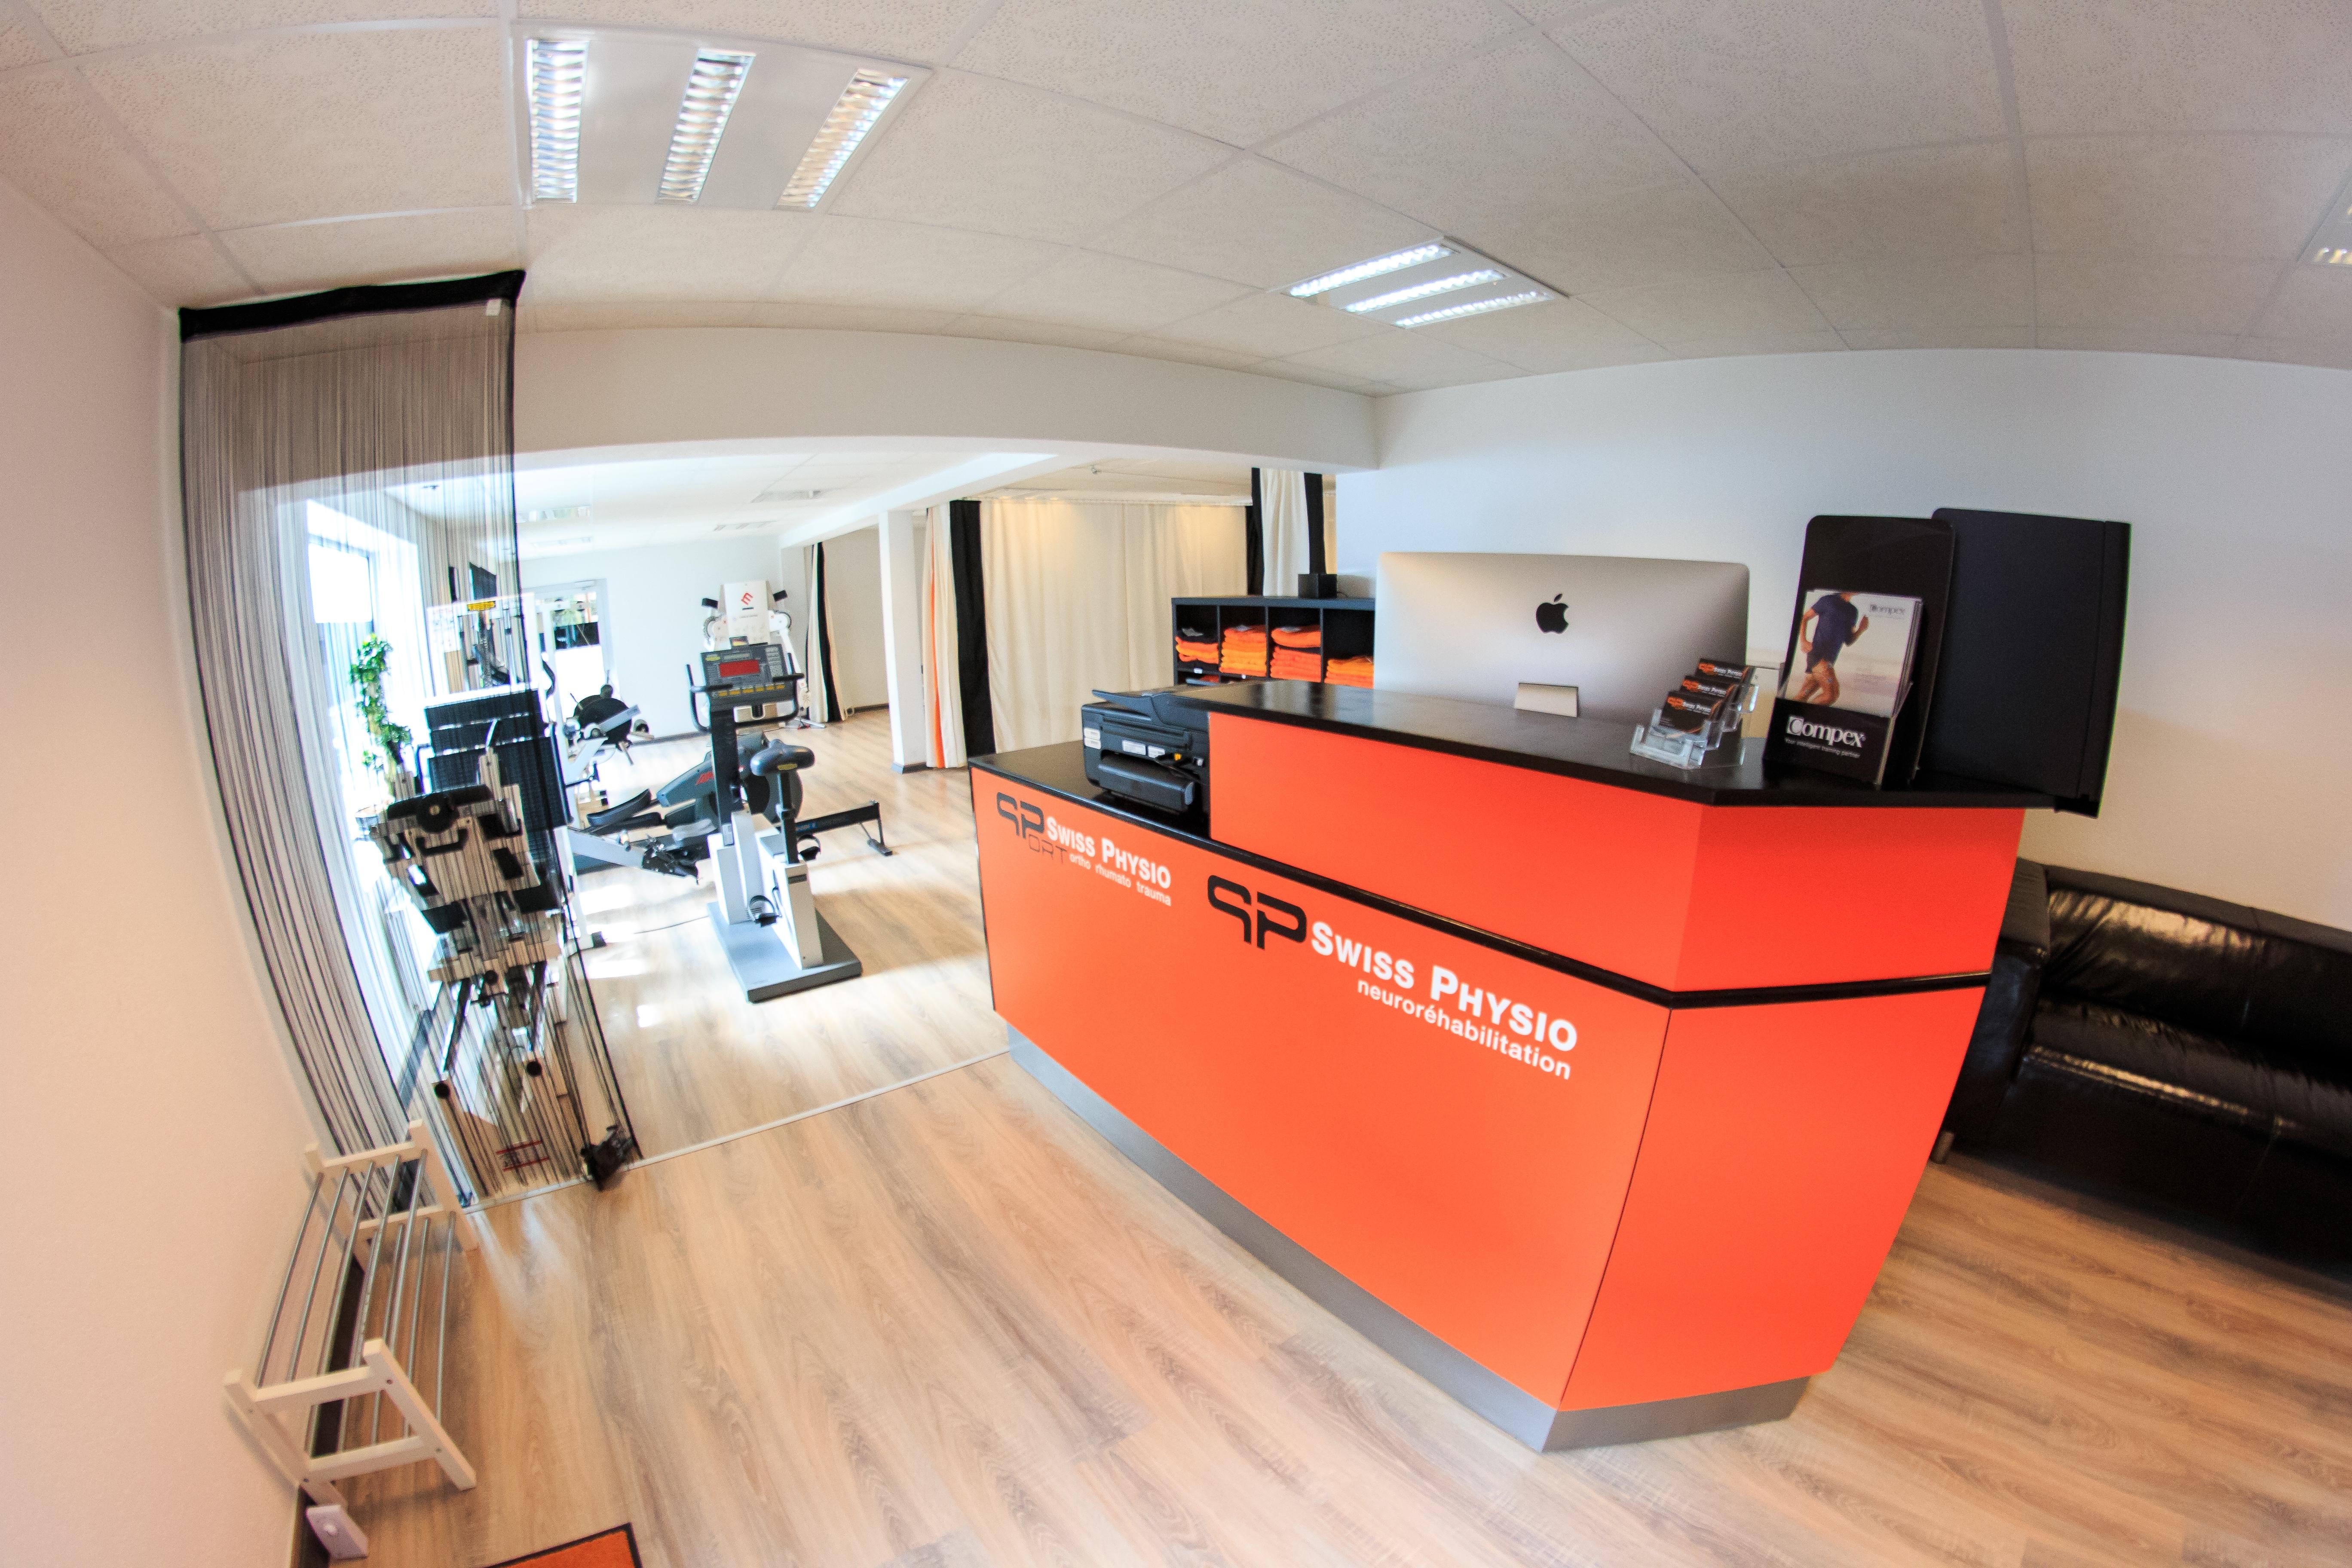 sPhysical physiothérapie sport center